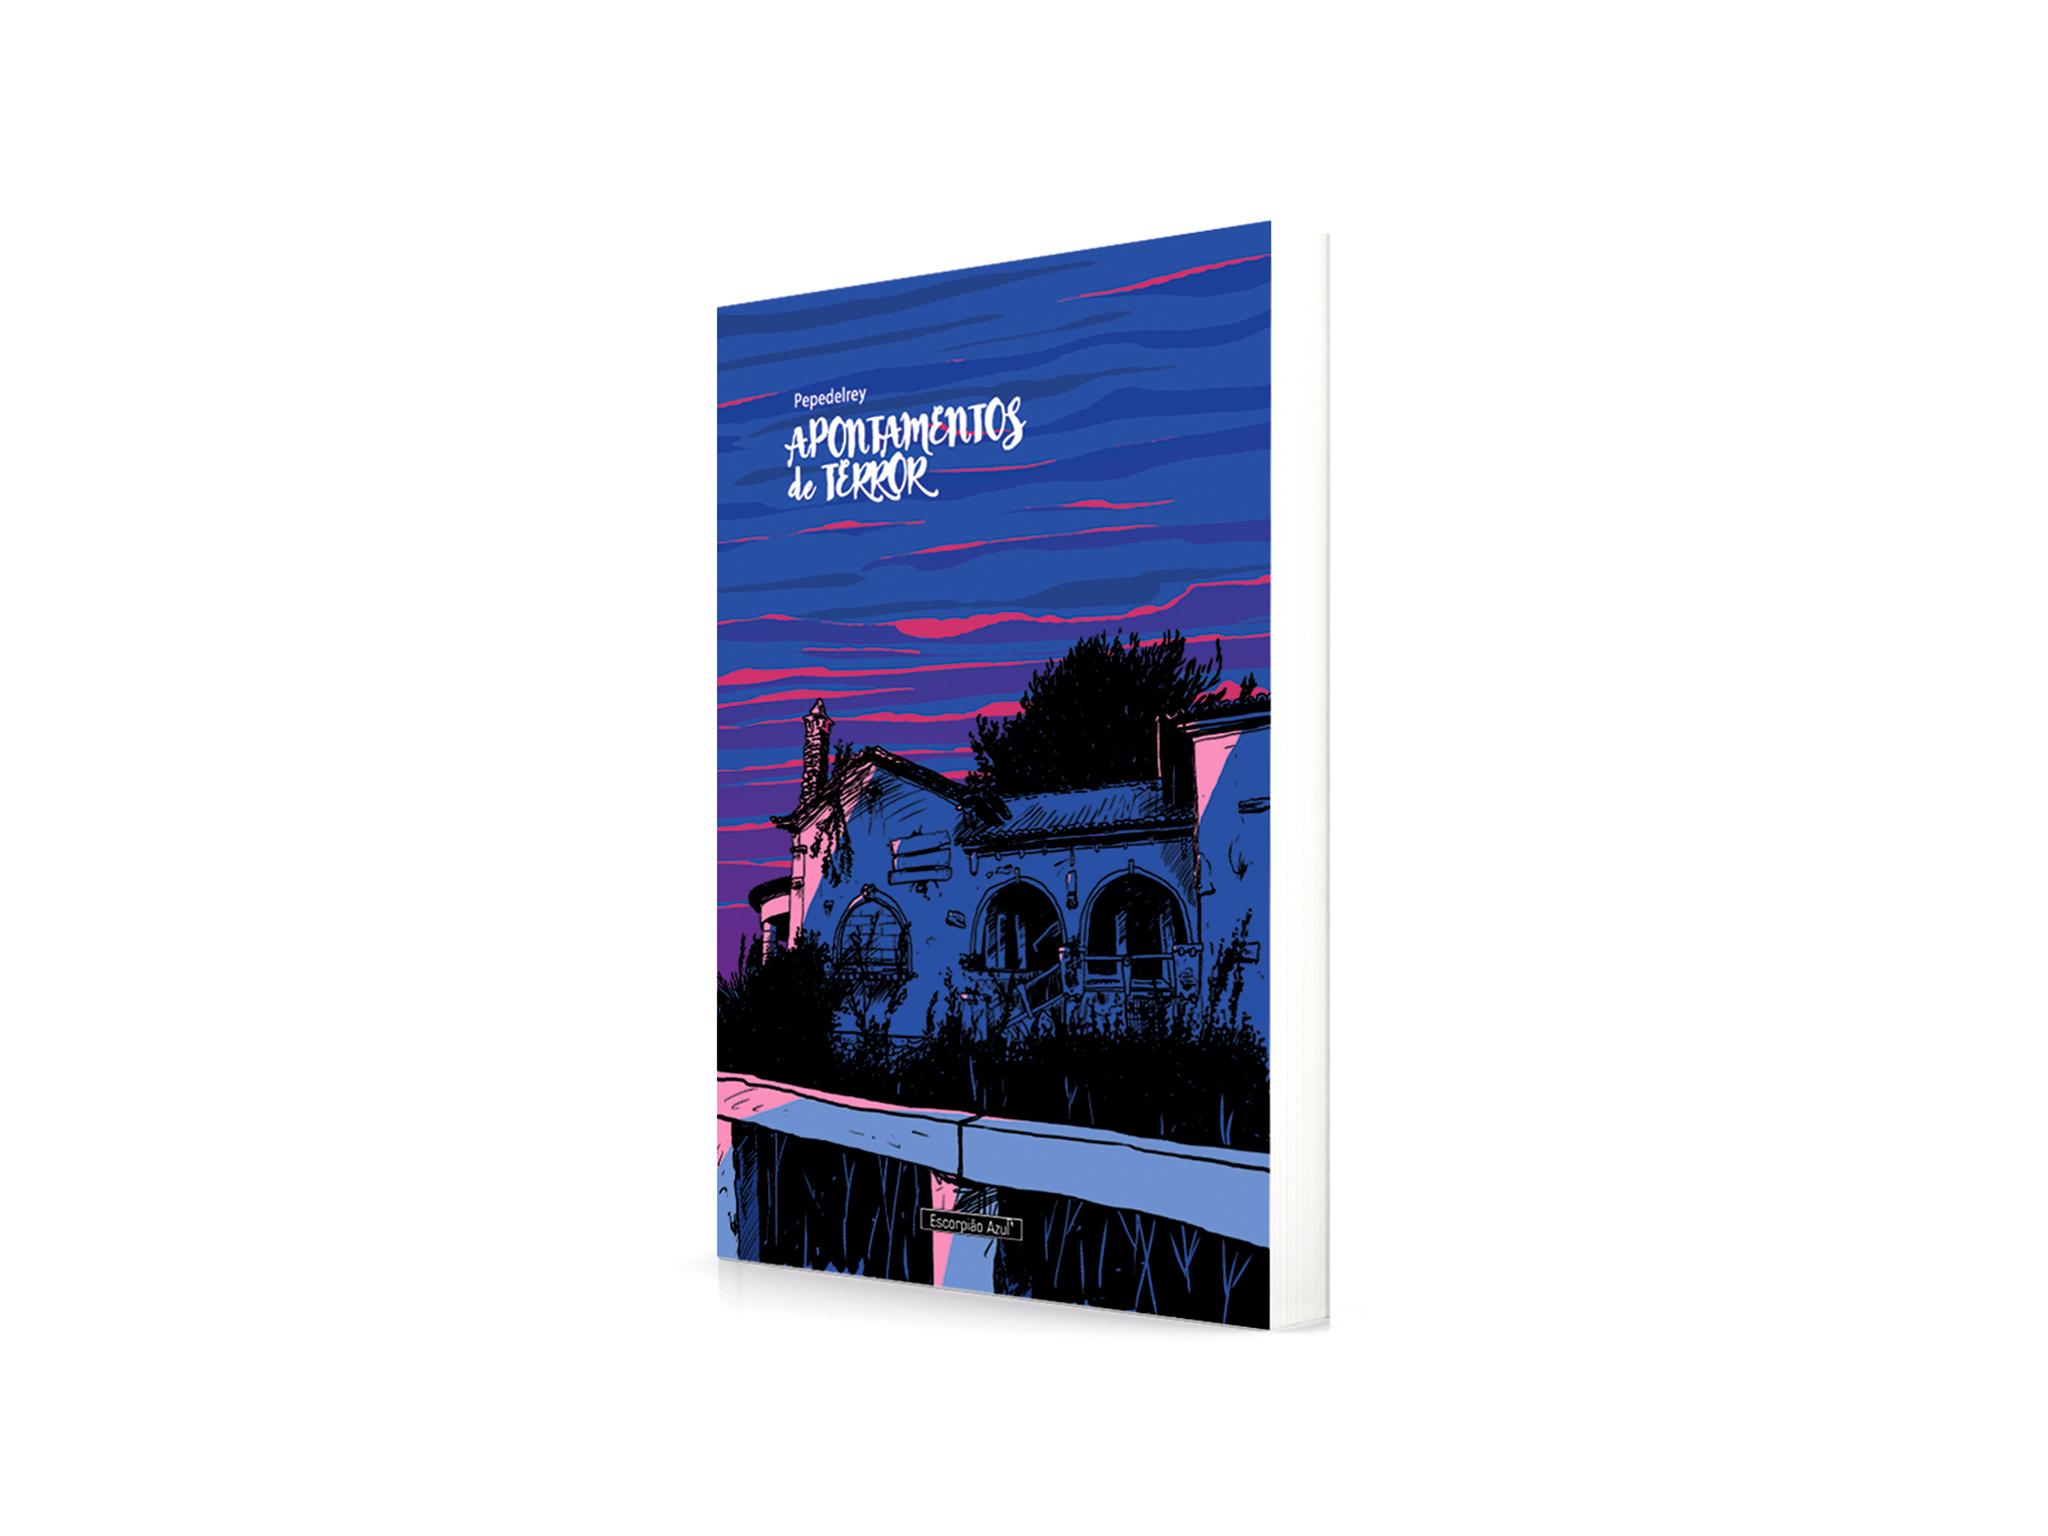 Livro, Terror, Apontamentos de Terror, Pepedelrey